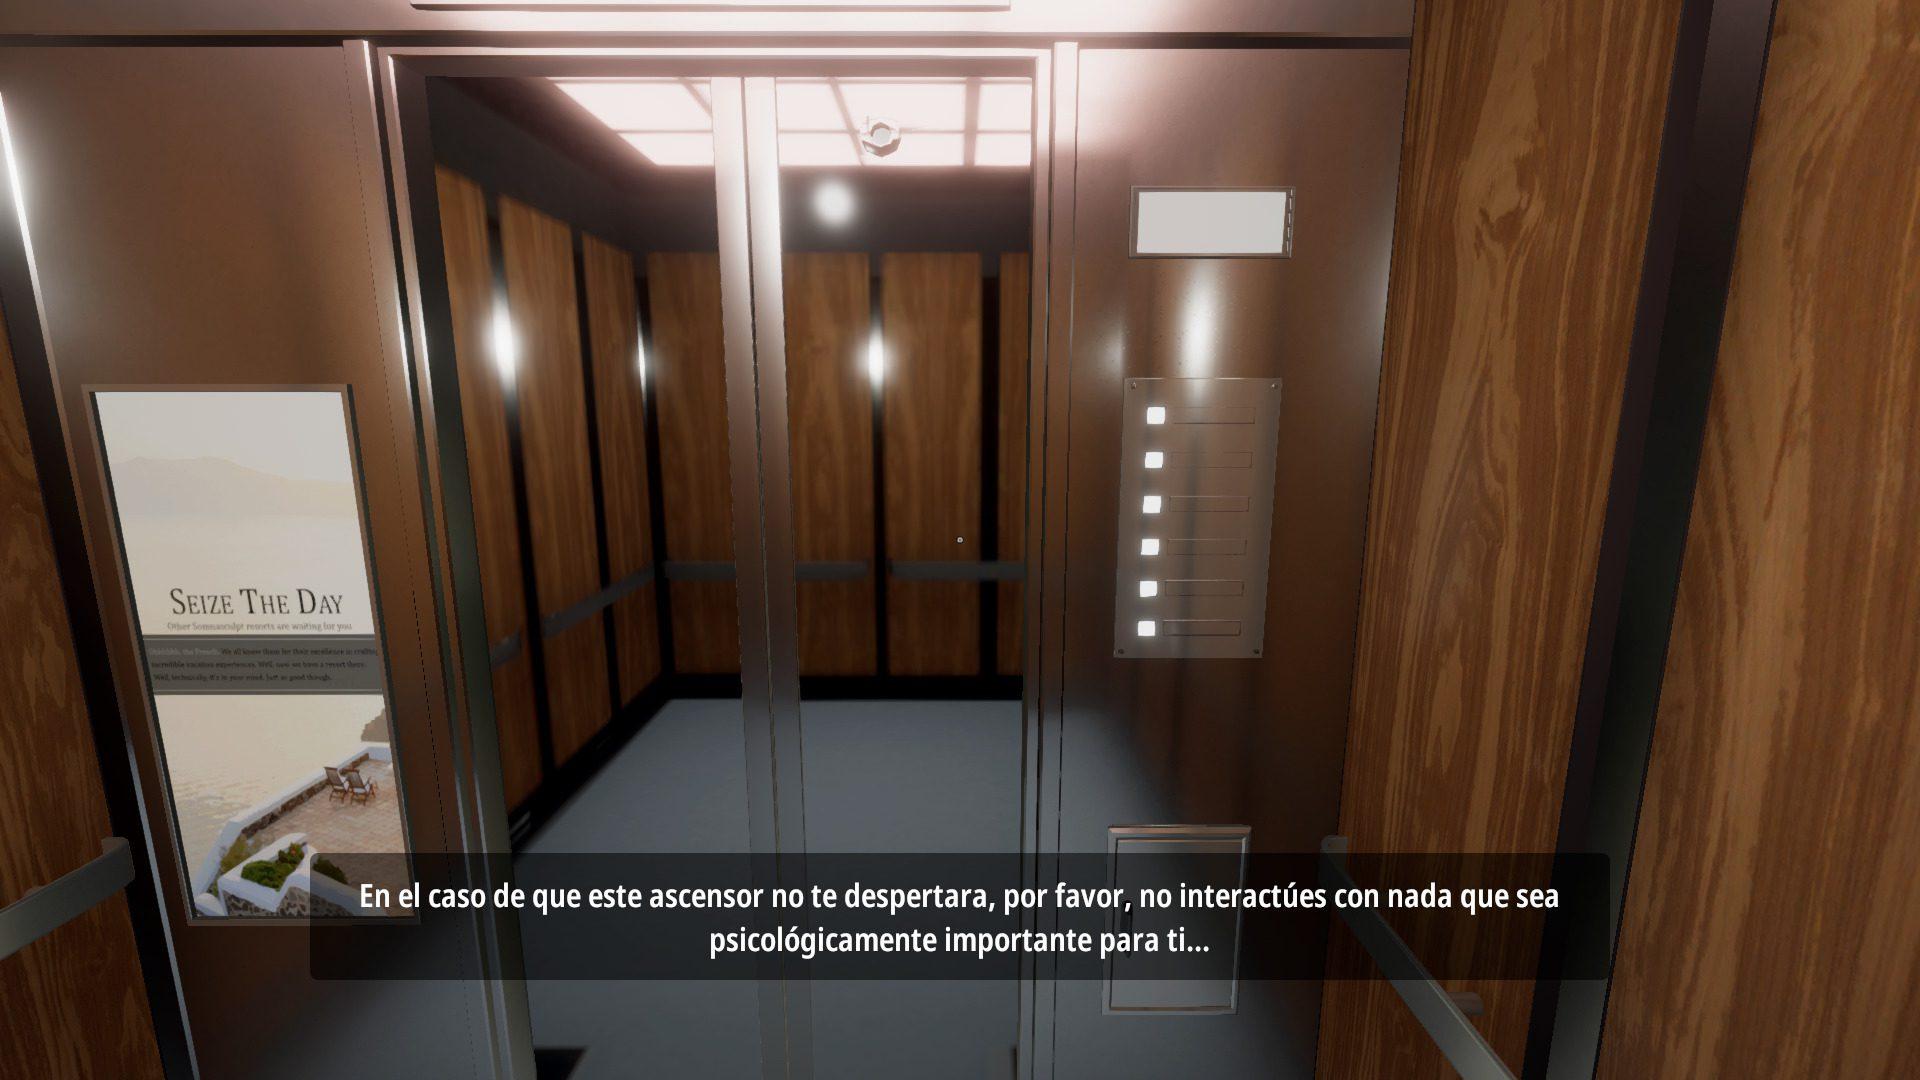 Superliminal ascensor y subtitulos